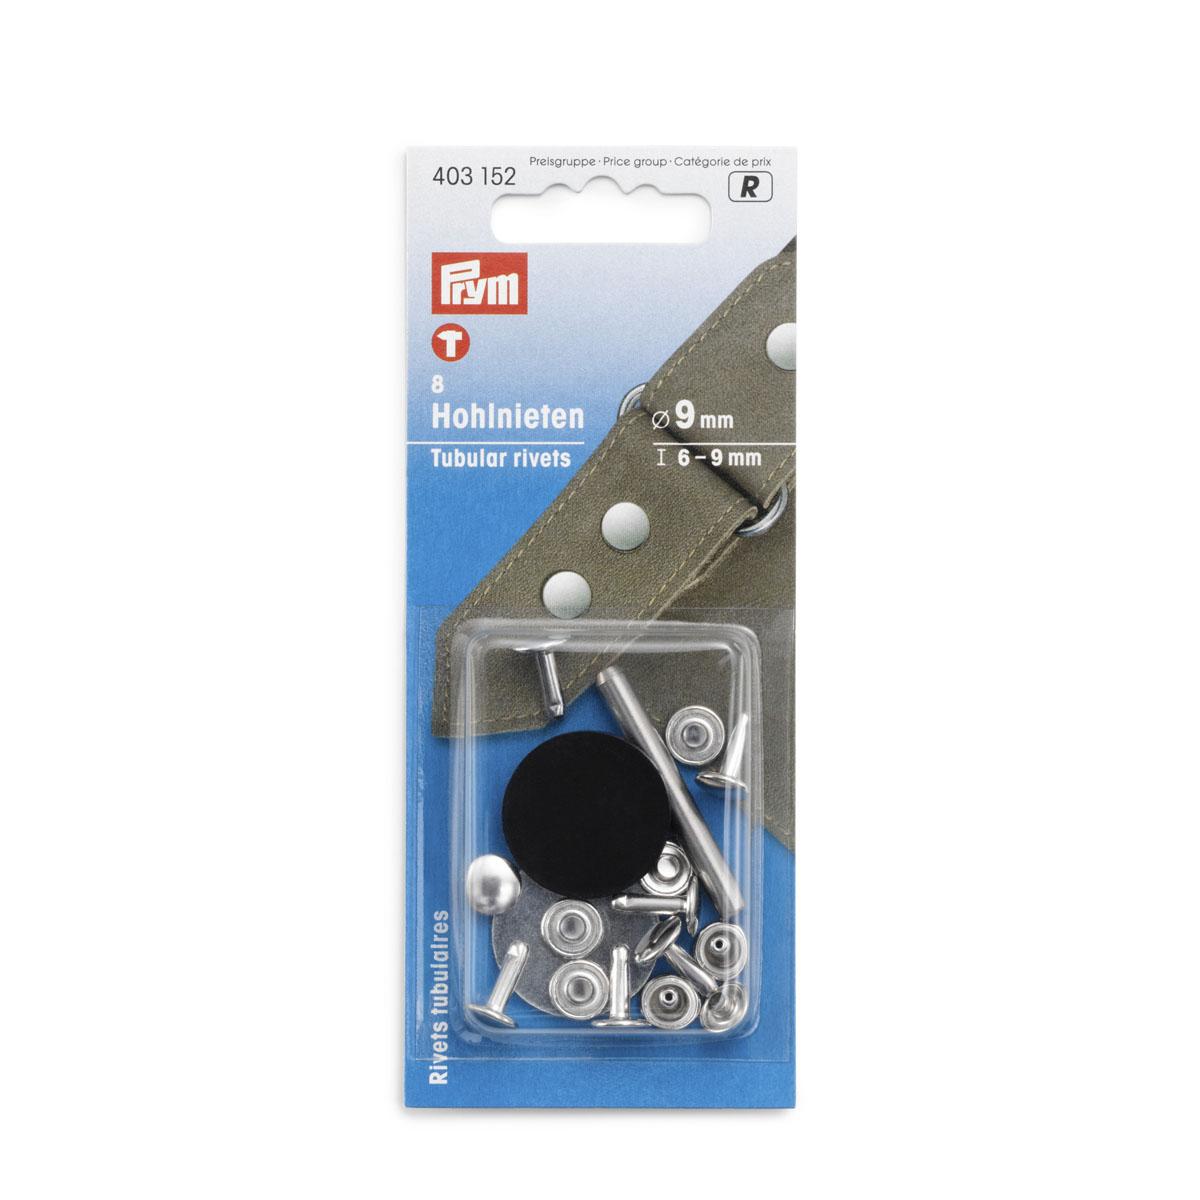 403152 Клепки с отверстием d9 мм, д/толщины материала 6-9 мм, упак./8 шт., Prym